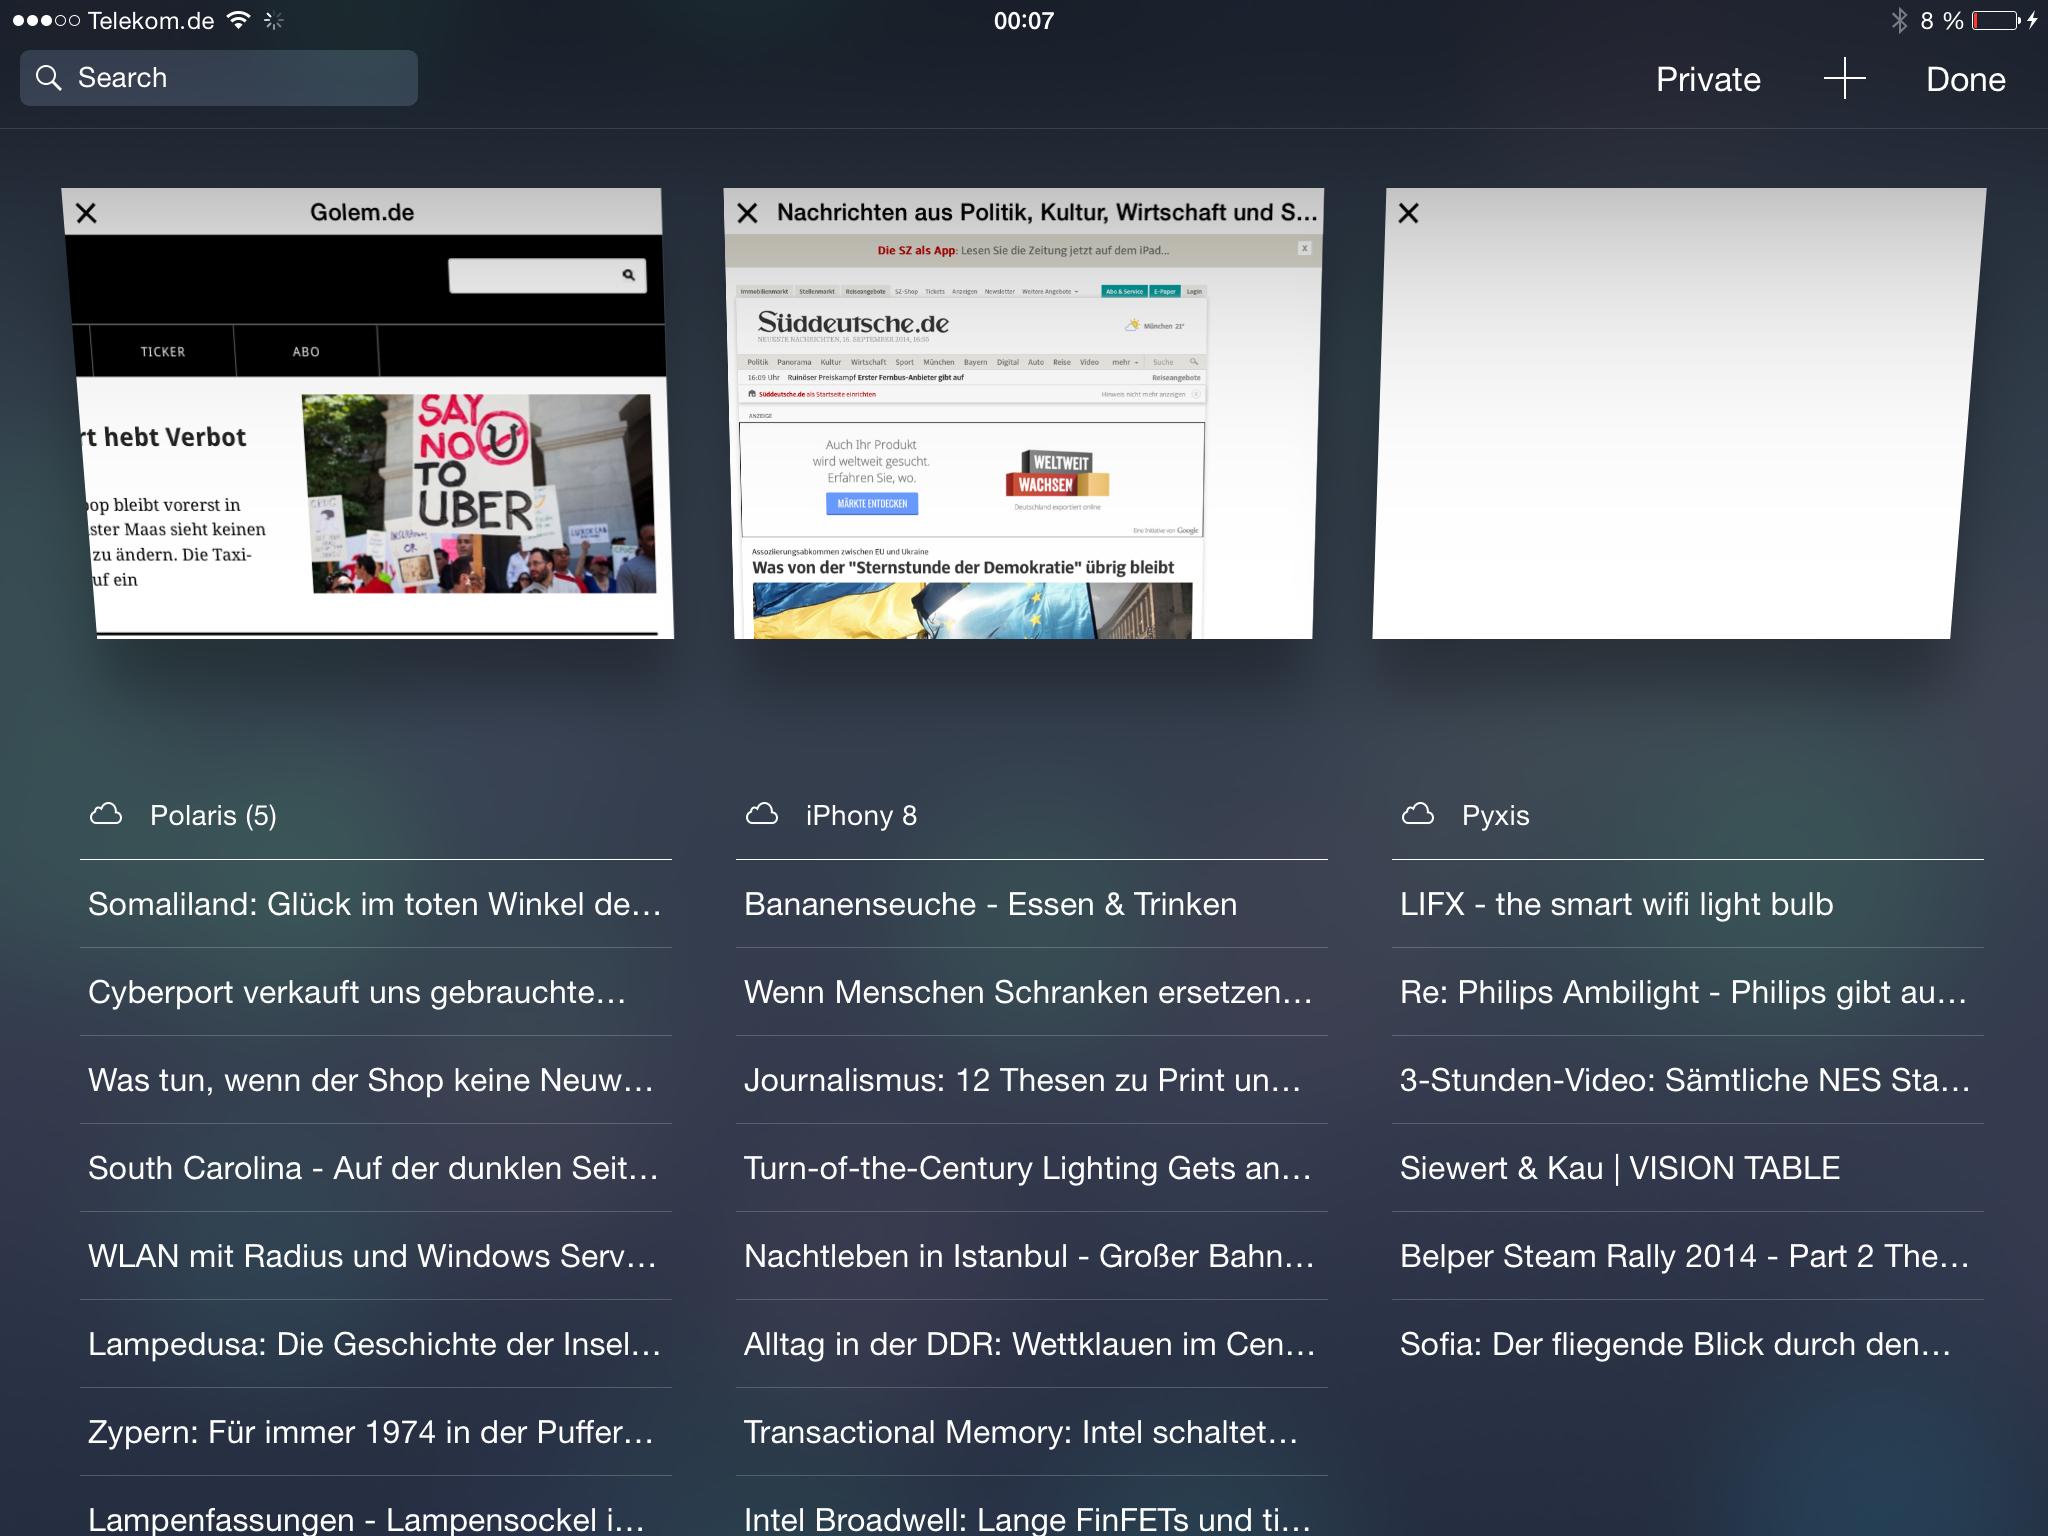 Apples iOS 8 im Test: Das mittelmäßigste Release aller Zeiten - ... nutzt der Browser nun den Platz deutlich besser aus. (Screenshot: Golem.de)